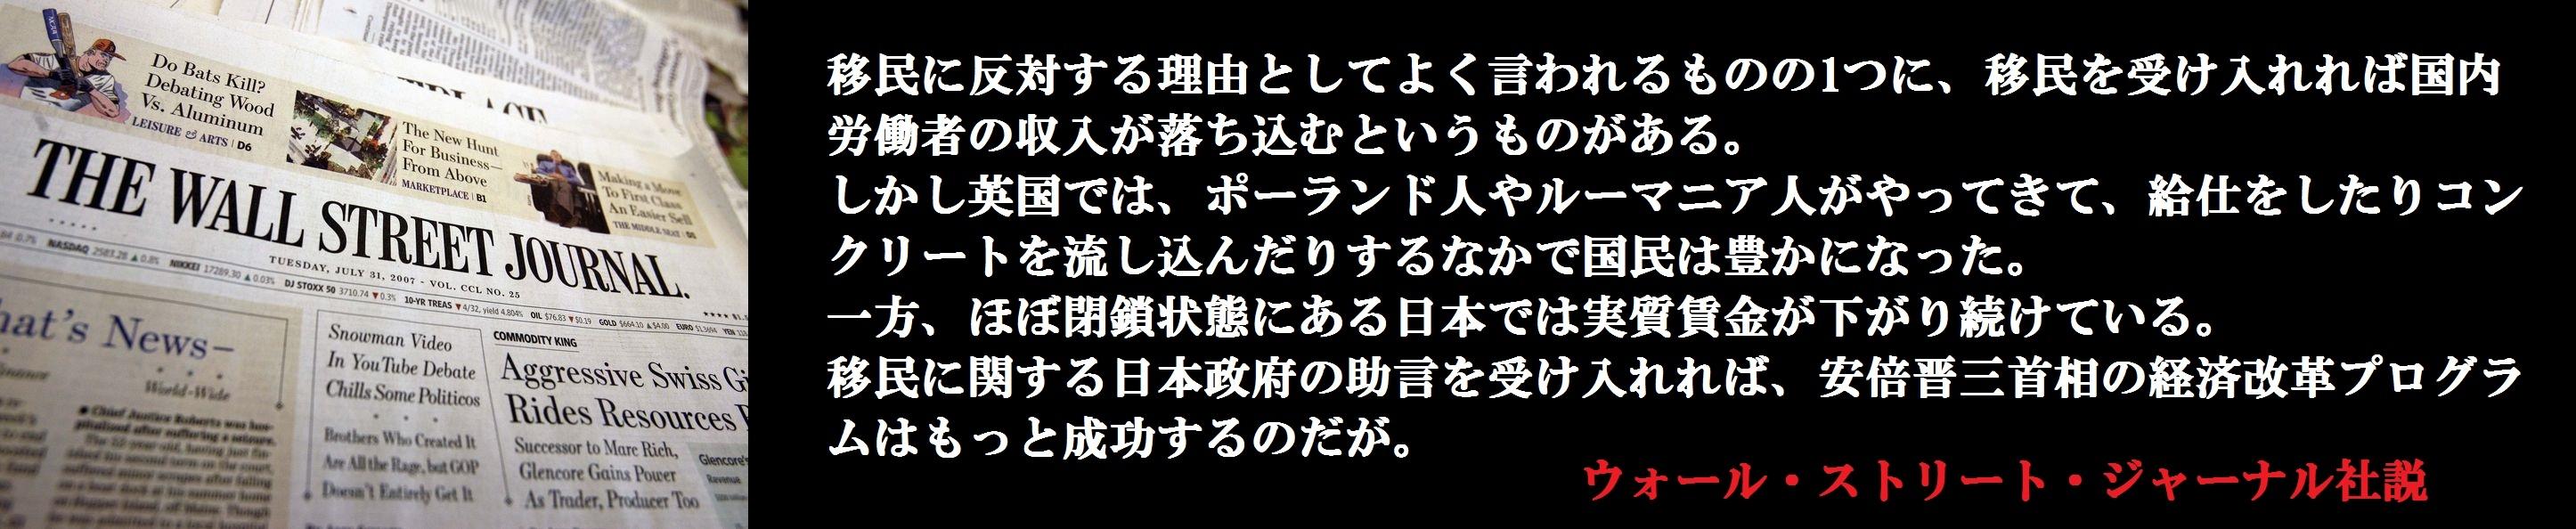 f:id:JAPbuster:20160916220824j:plain